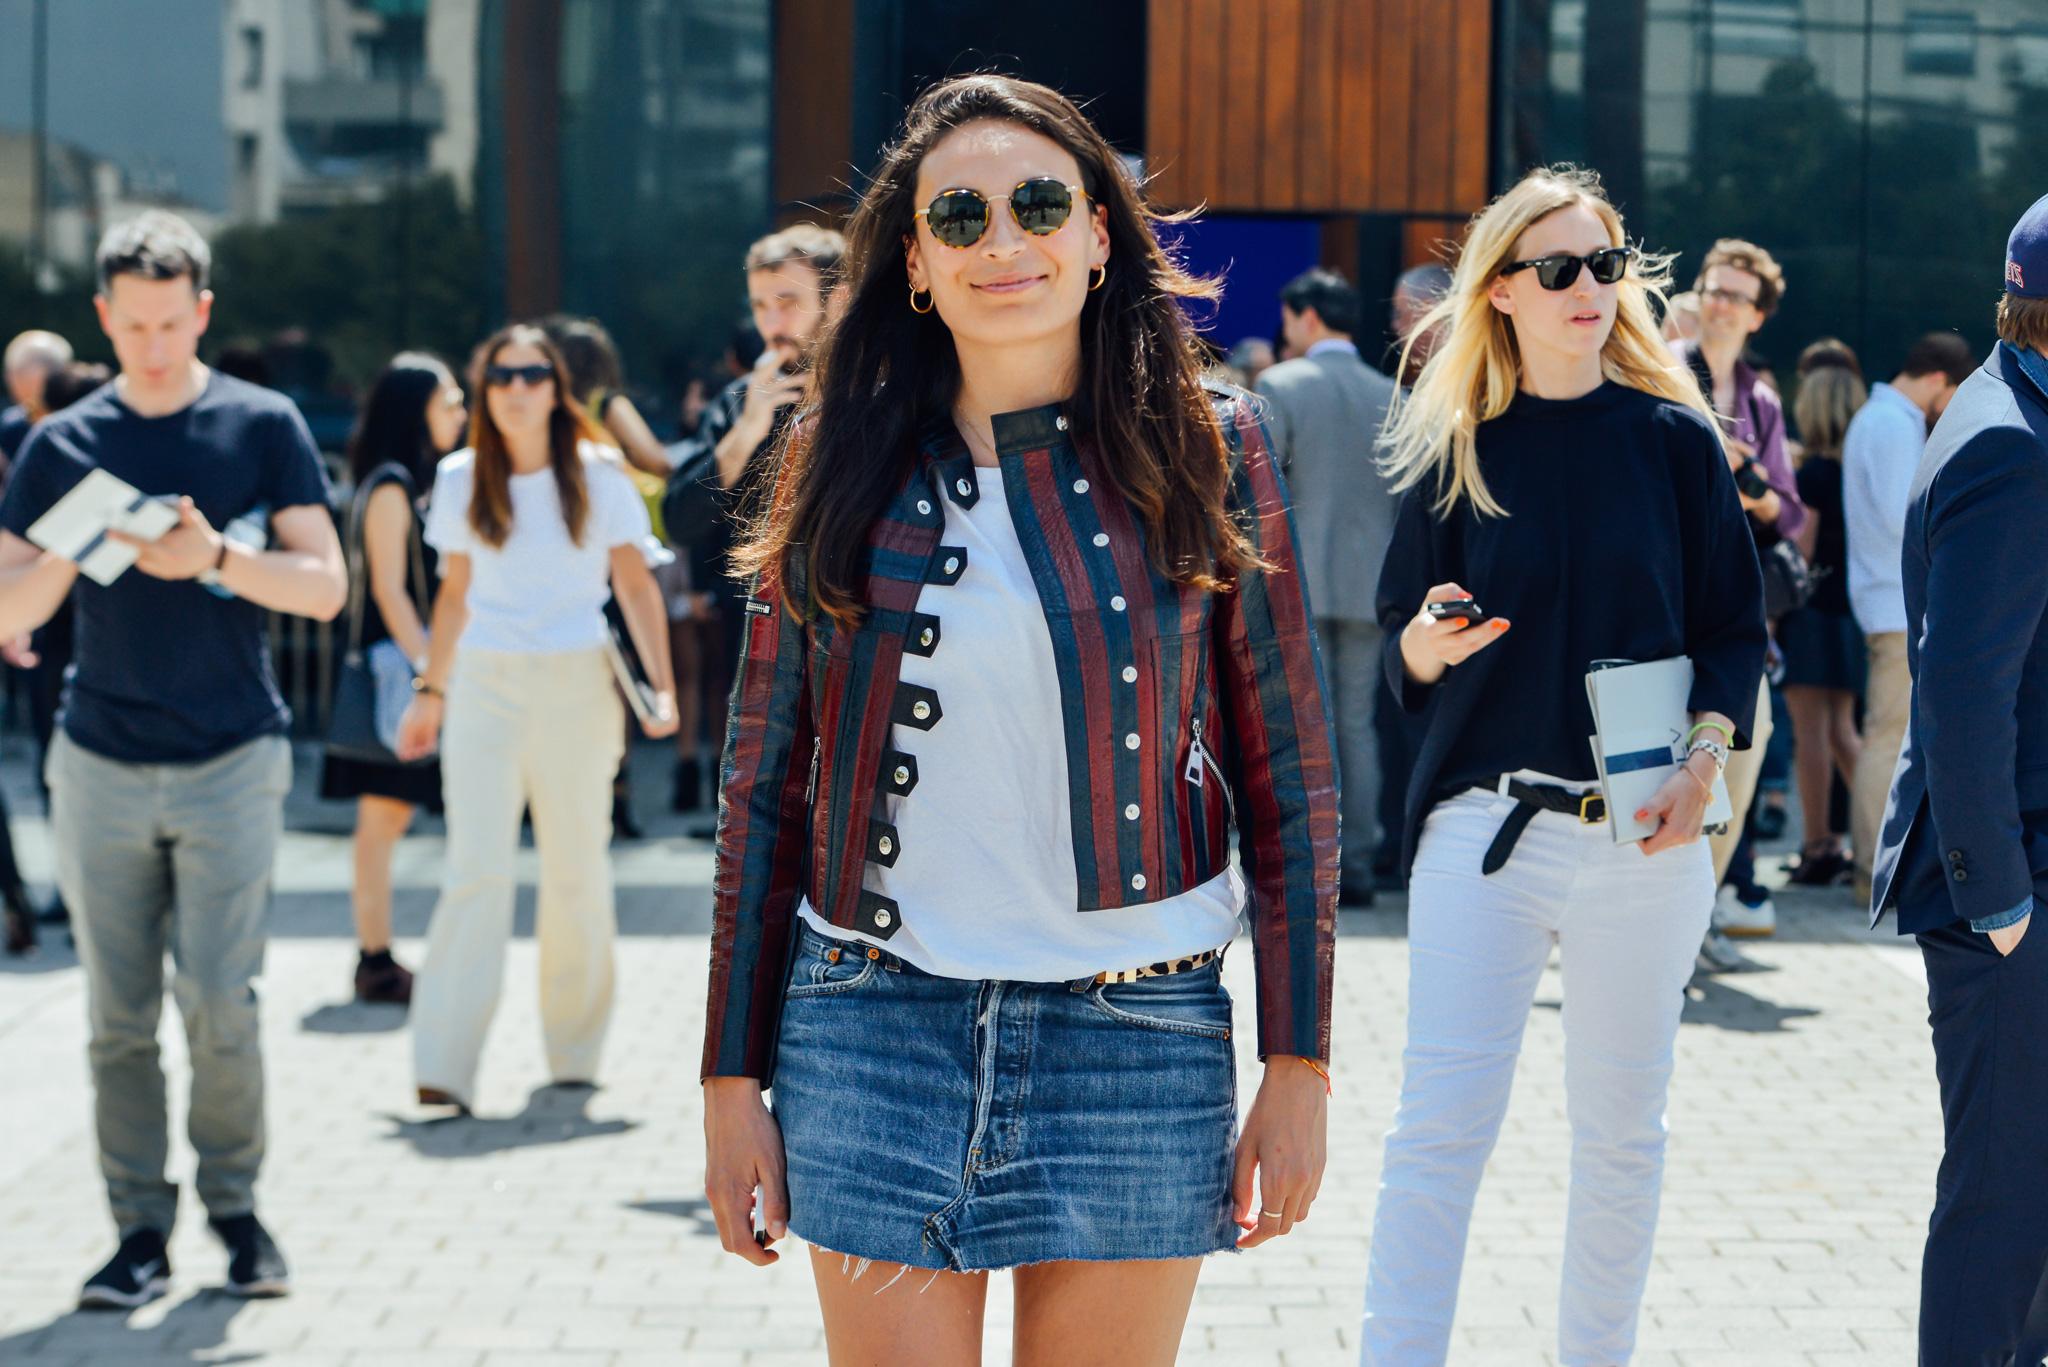 Street Style - Semana de moda masculina Verão 2016 imagem: Tommy Ton via style.com